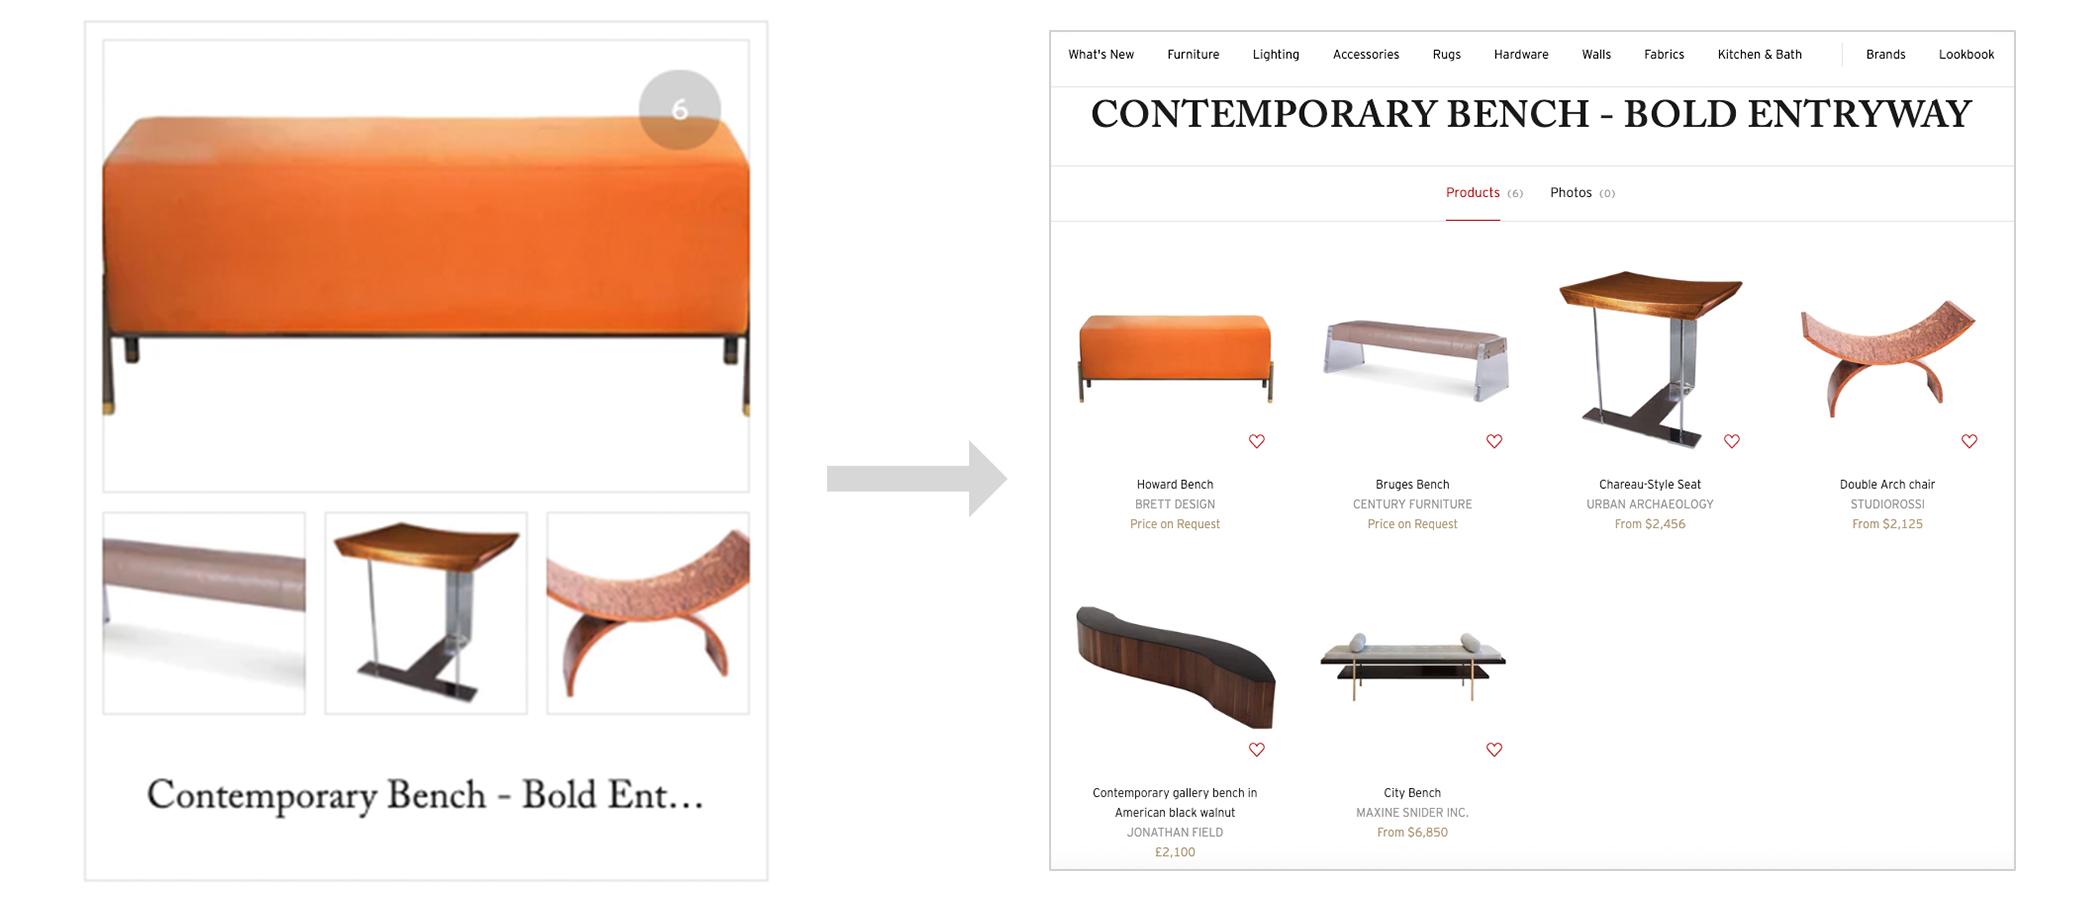 folders-concierge.jpg